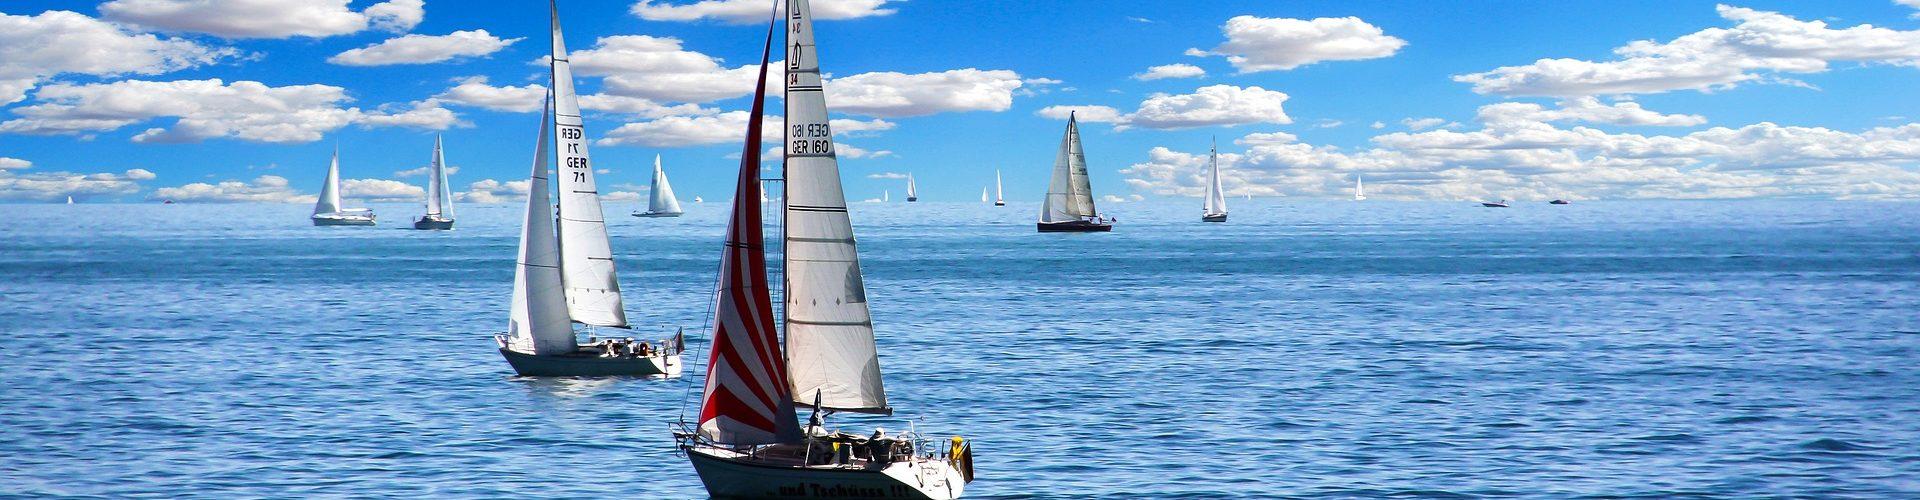 segeln lernen in Tegernsee segelschein machen in Tegernsee 1920x500 - Segeln lernen in Tegernsee